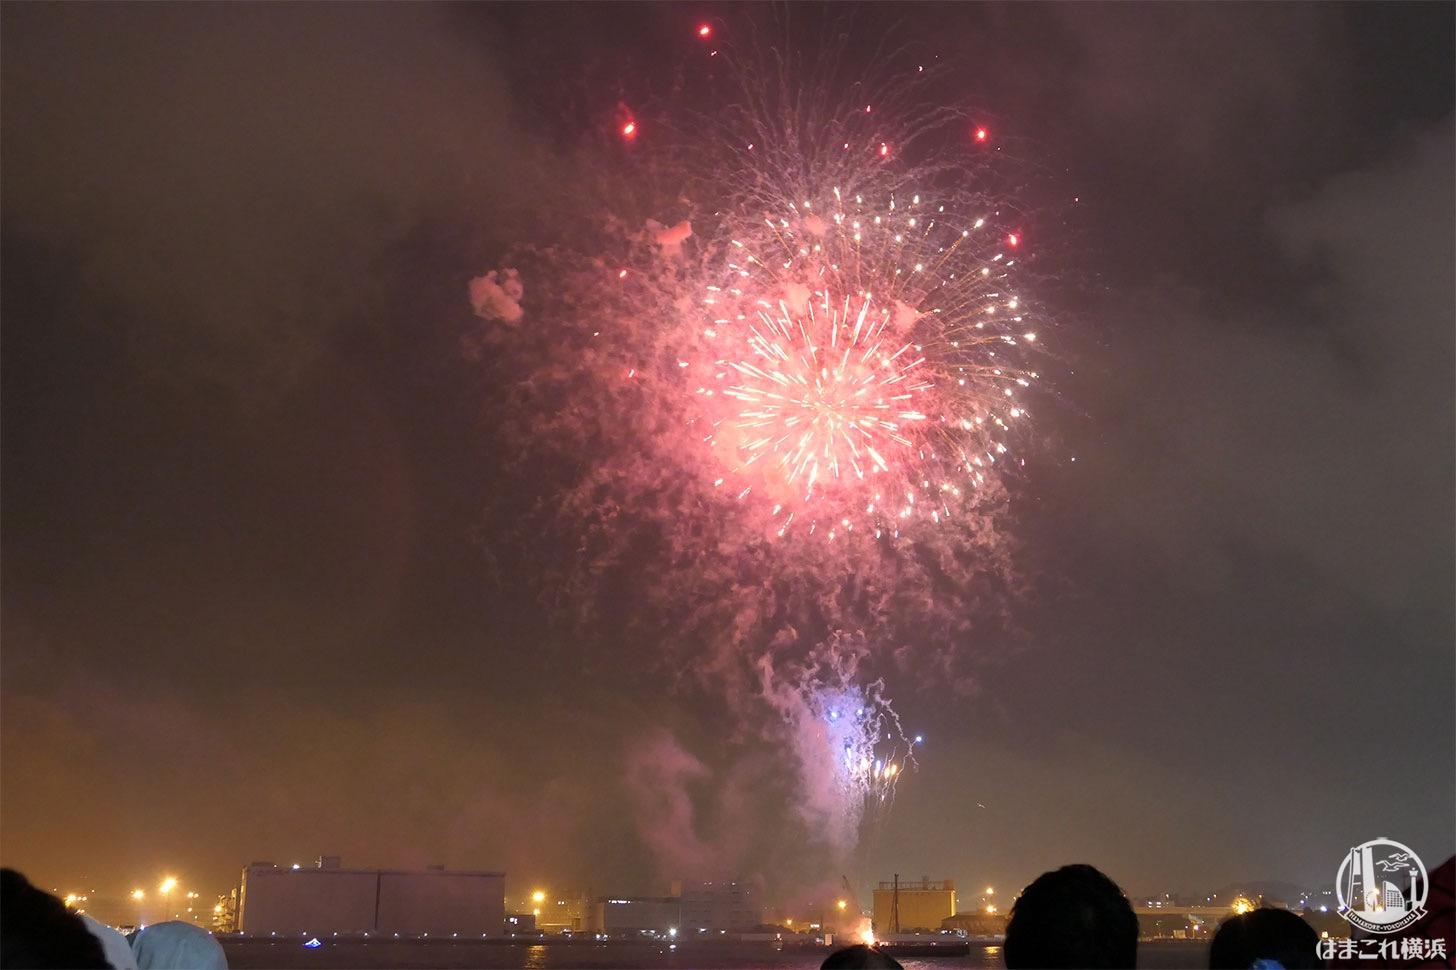 横浜スパークリングトワイライト2020年開催の中止決定